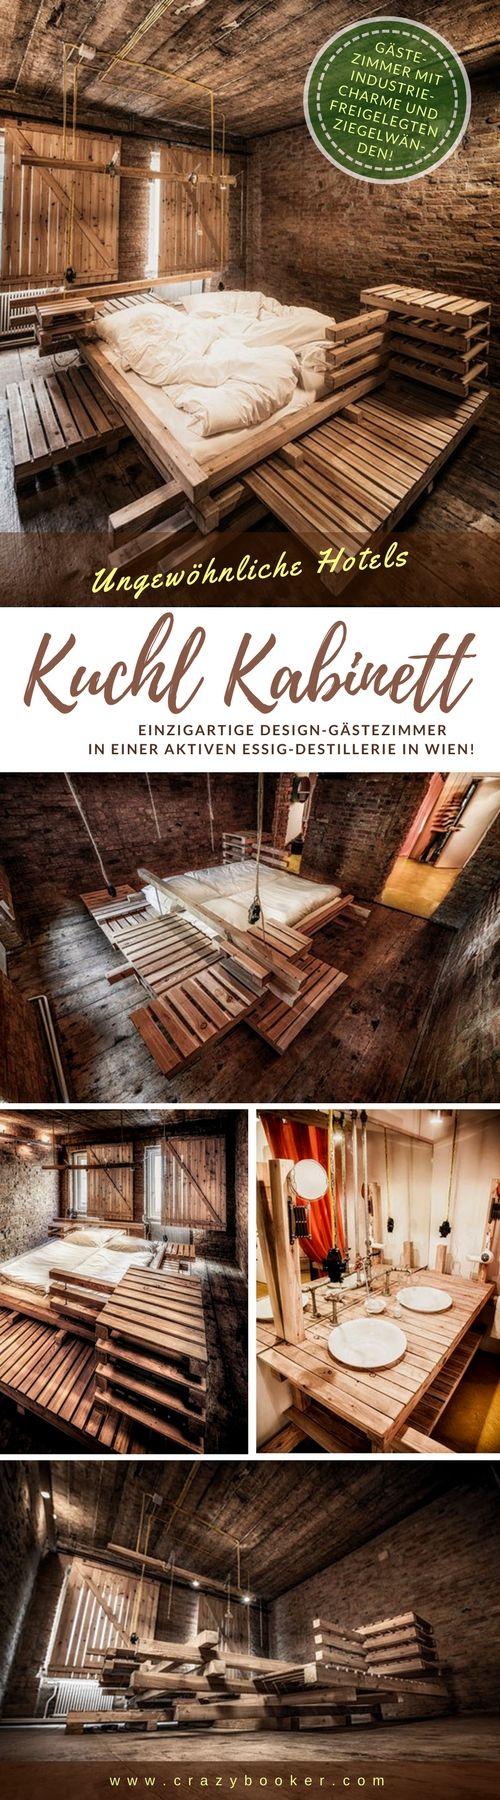 Design Gästezimmer \'Kuchl Kabinett\' | Der Industriecharme der ...